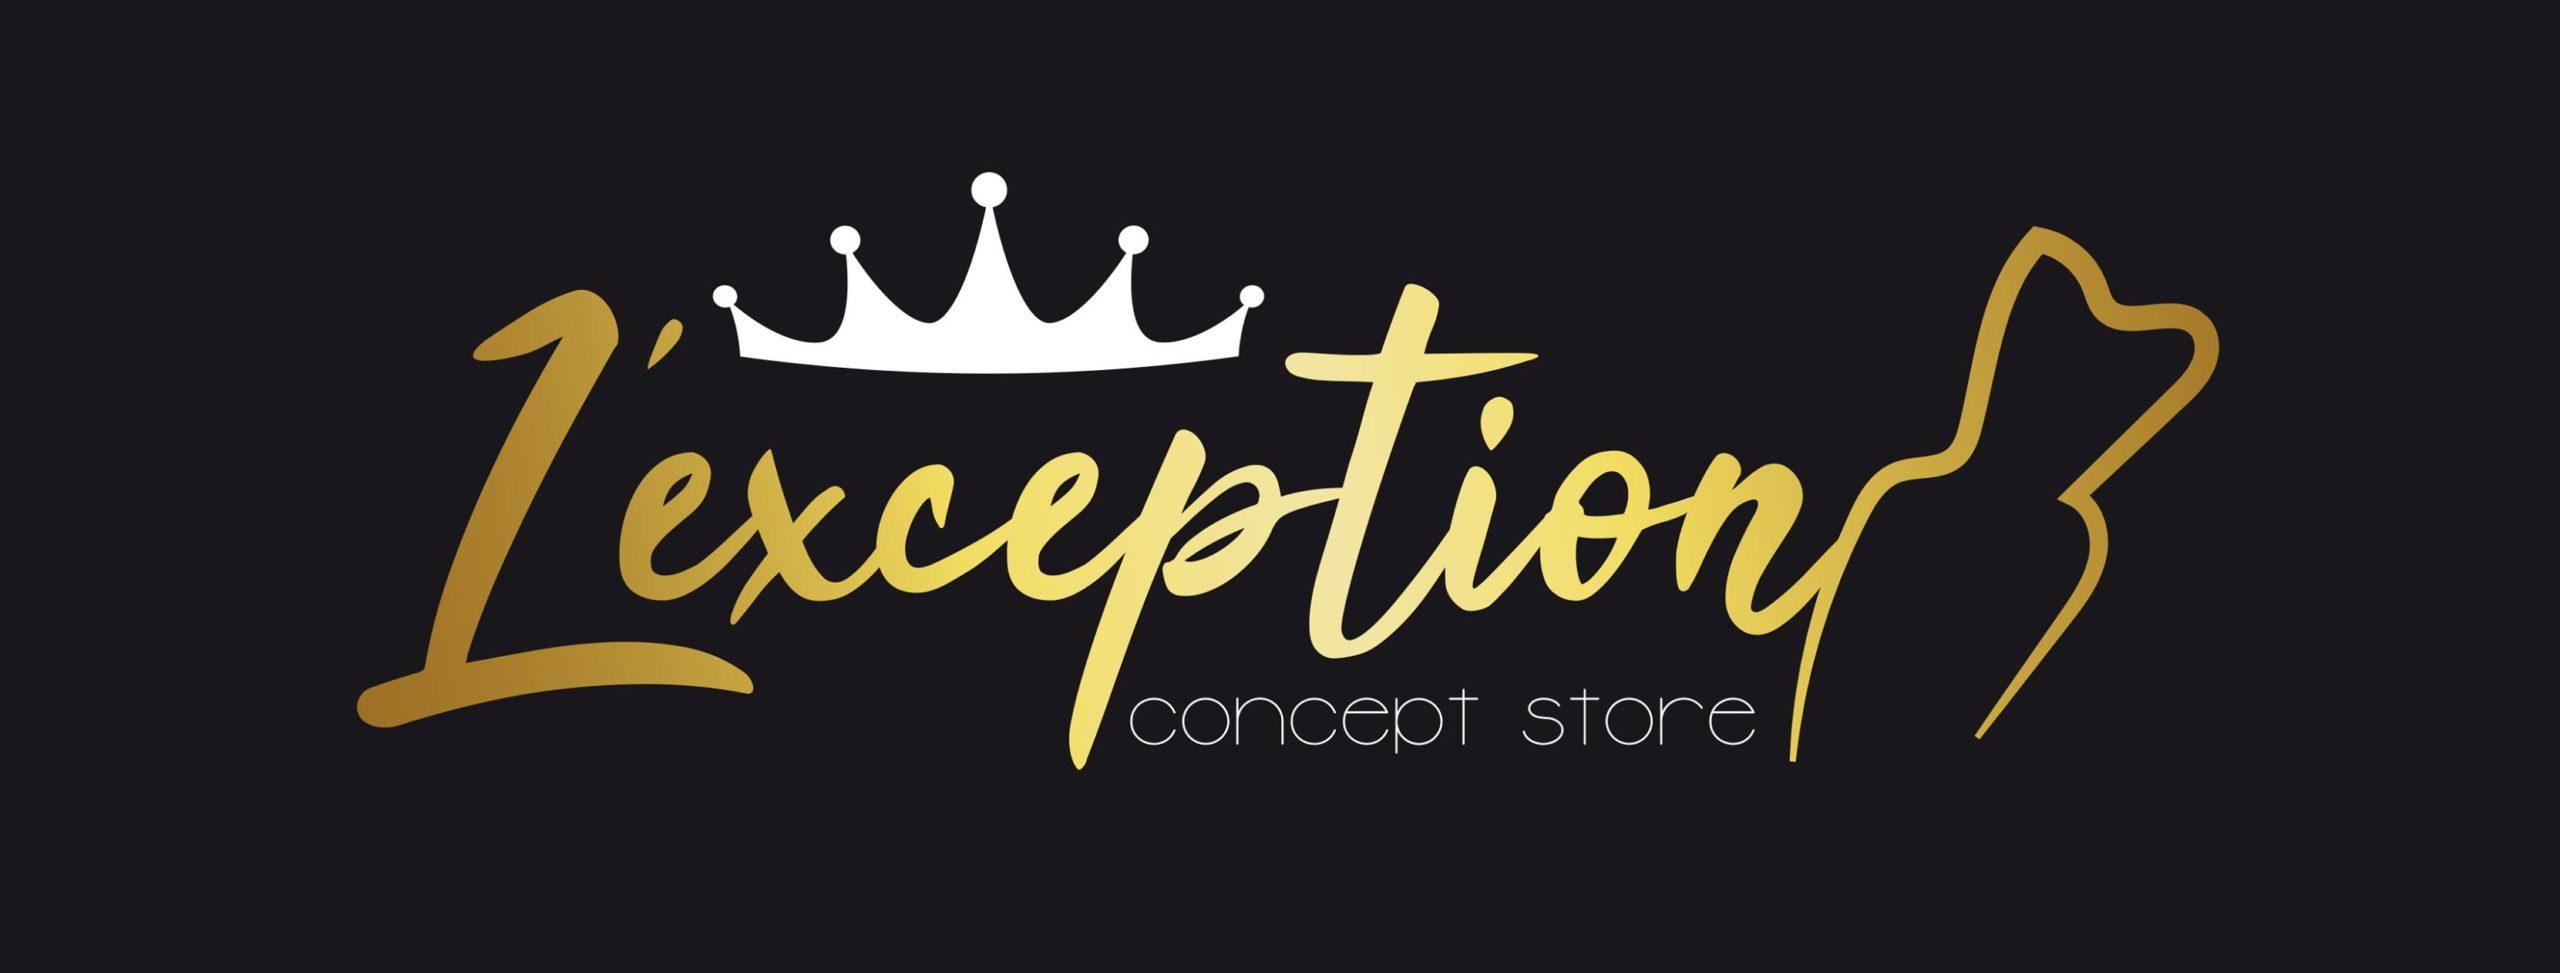 L exception